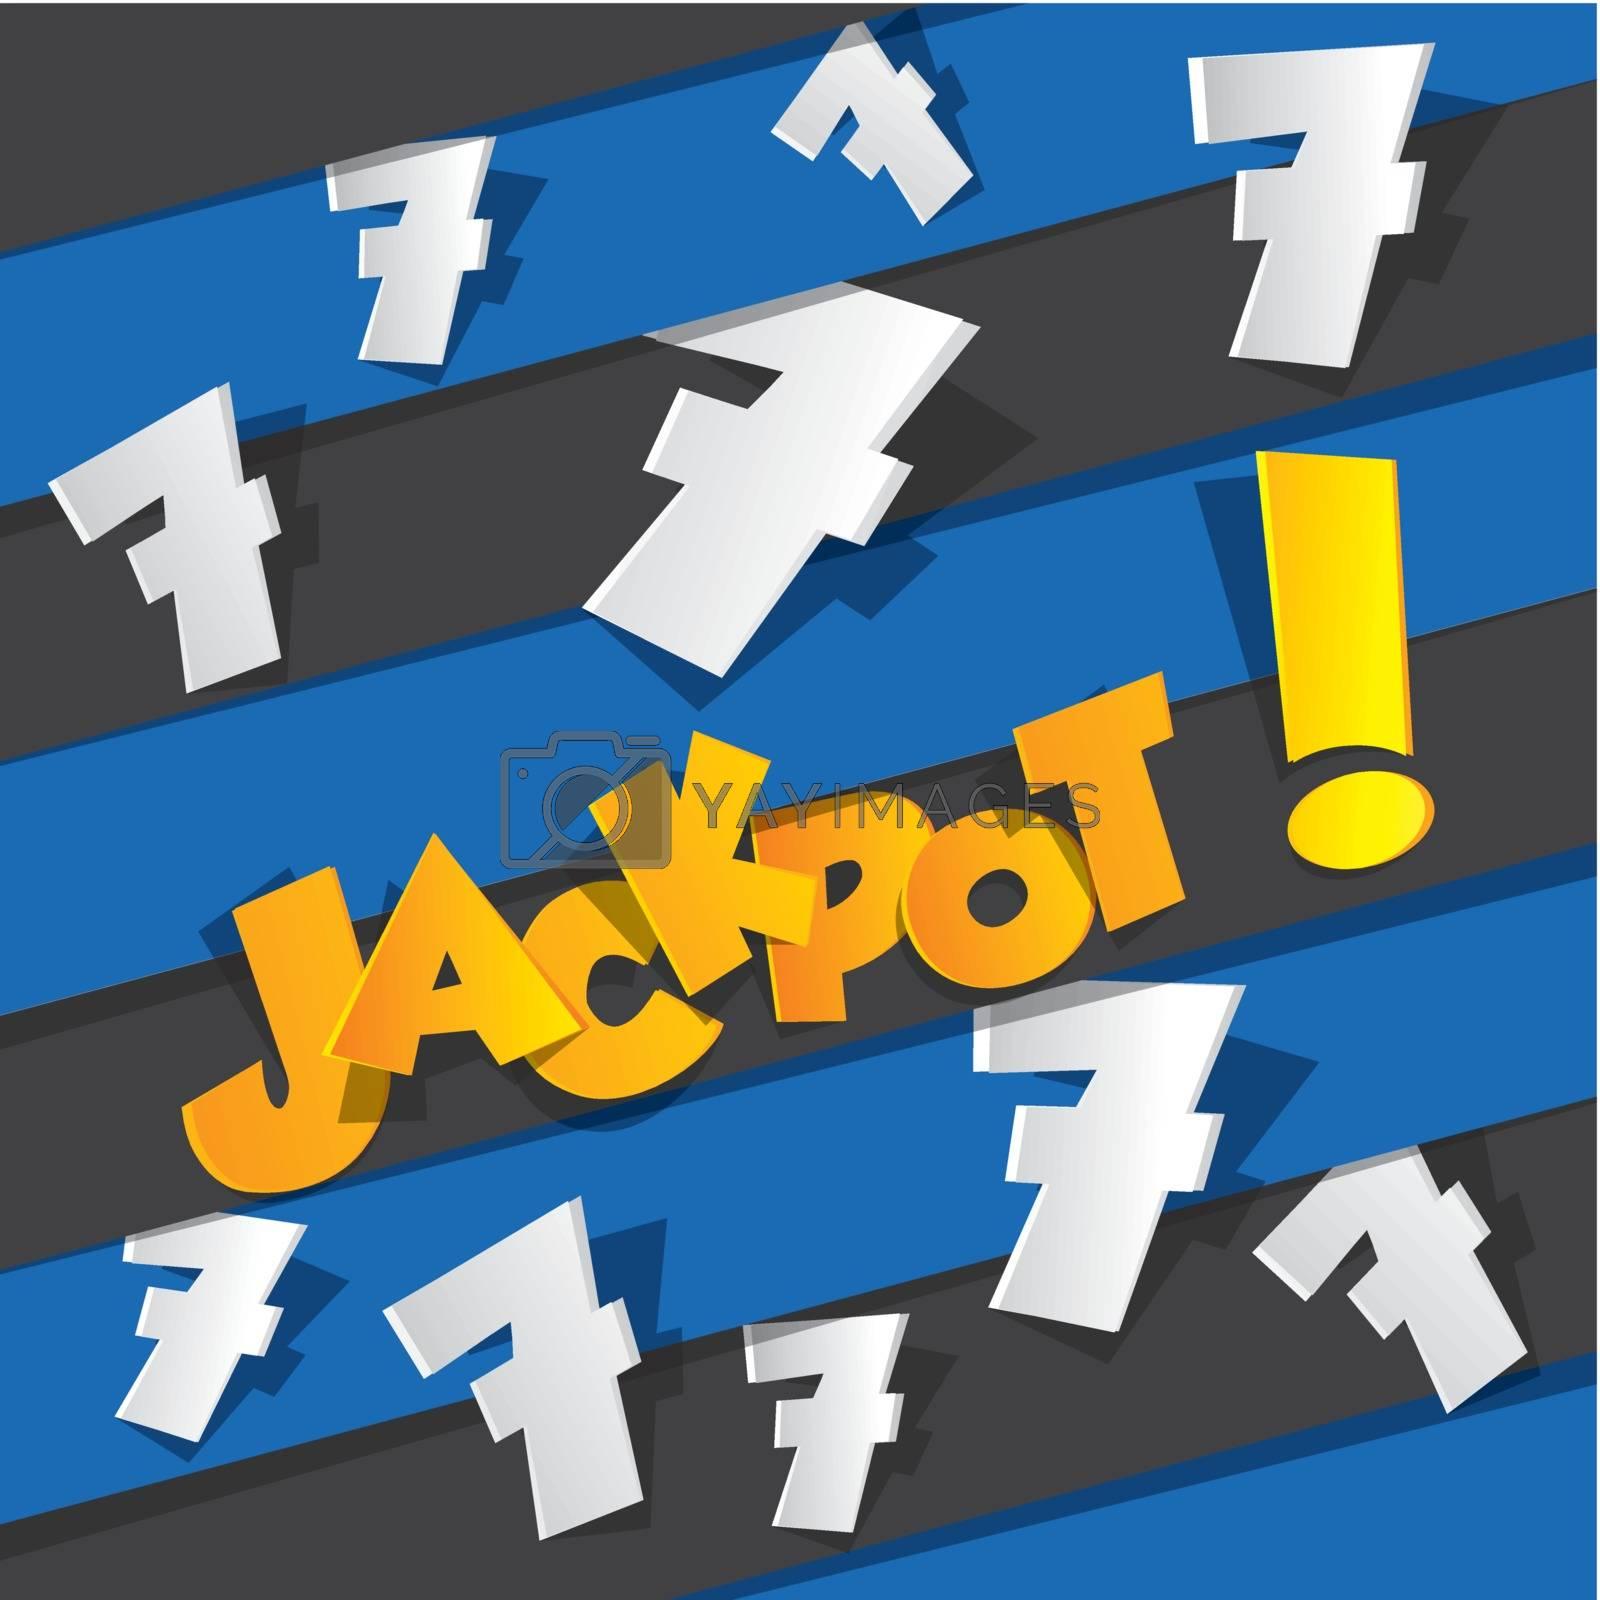 Royalty free image of Bingo, Jackpot symbol by nicousnake